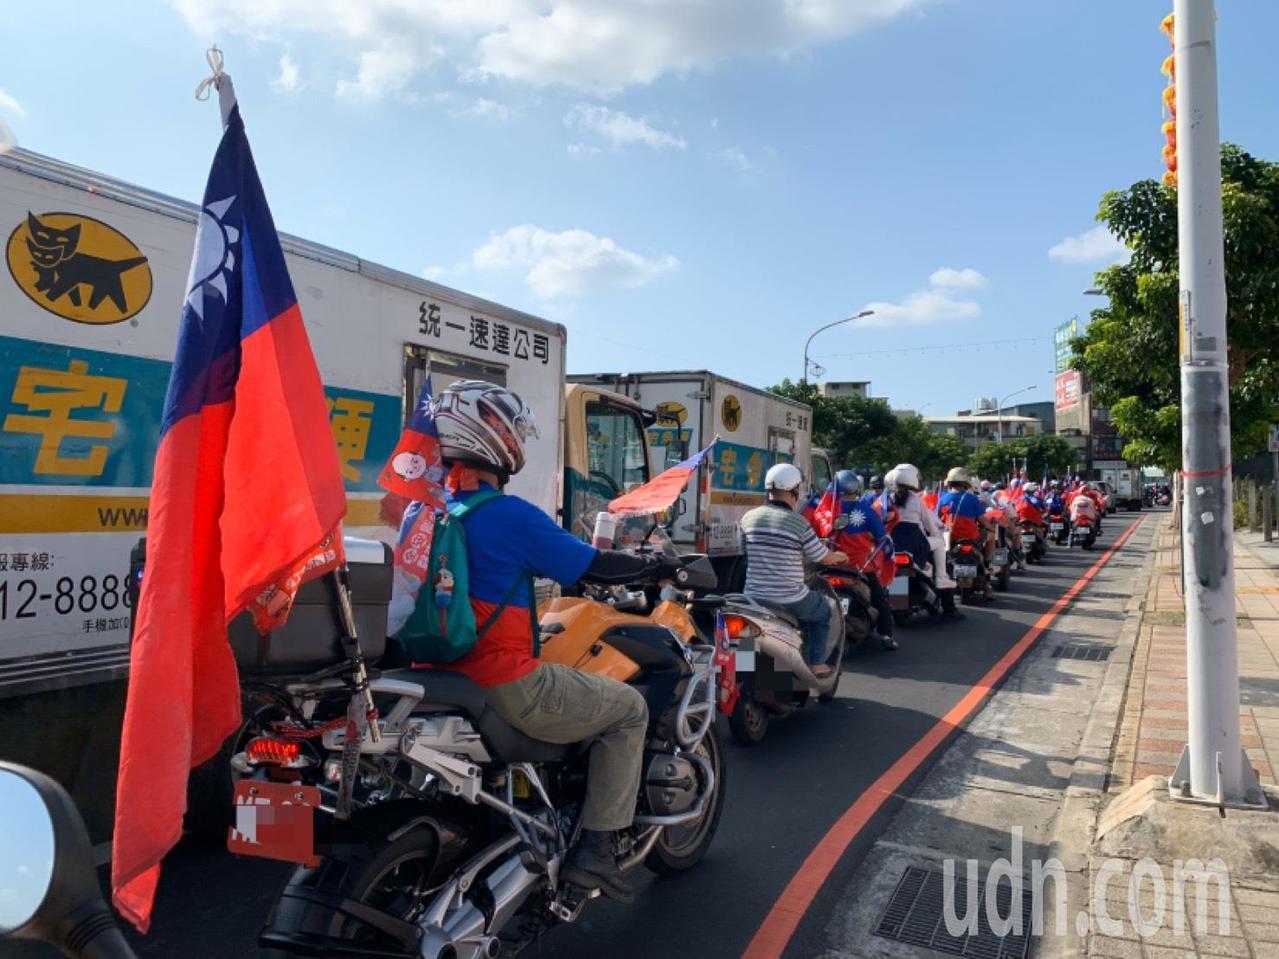 整群車隊大約上午9點10分出發,插滿國旗的汽機車浩浩蕩蕩遊街,吸引路邊民眾的目光...